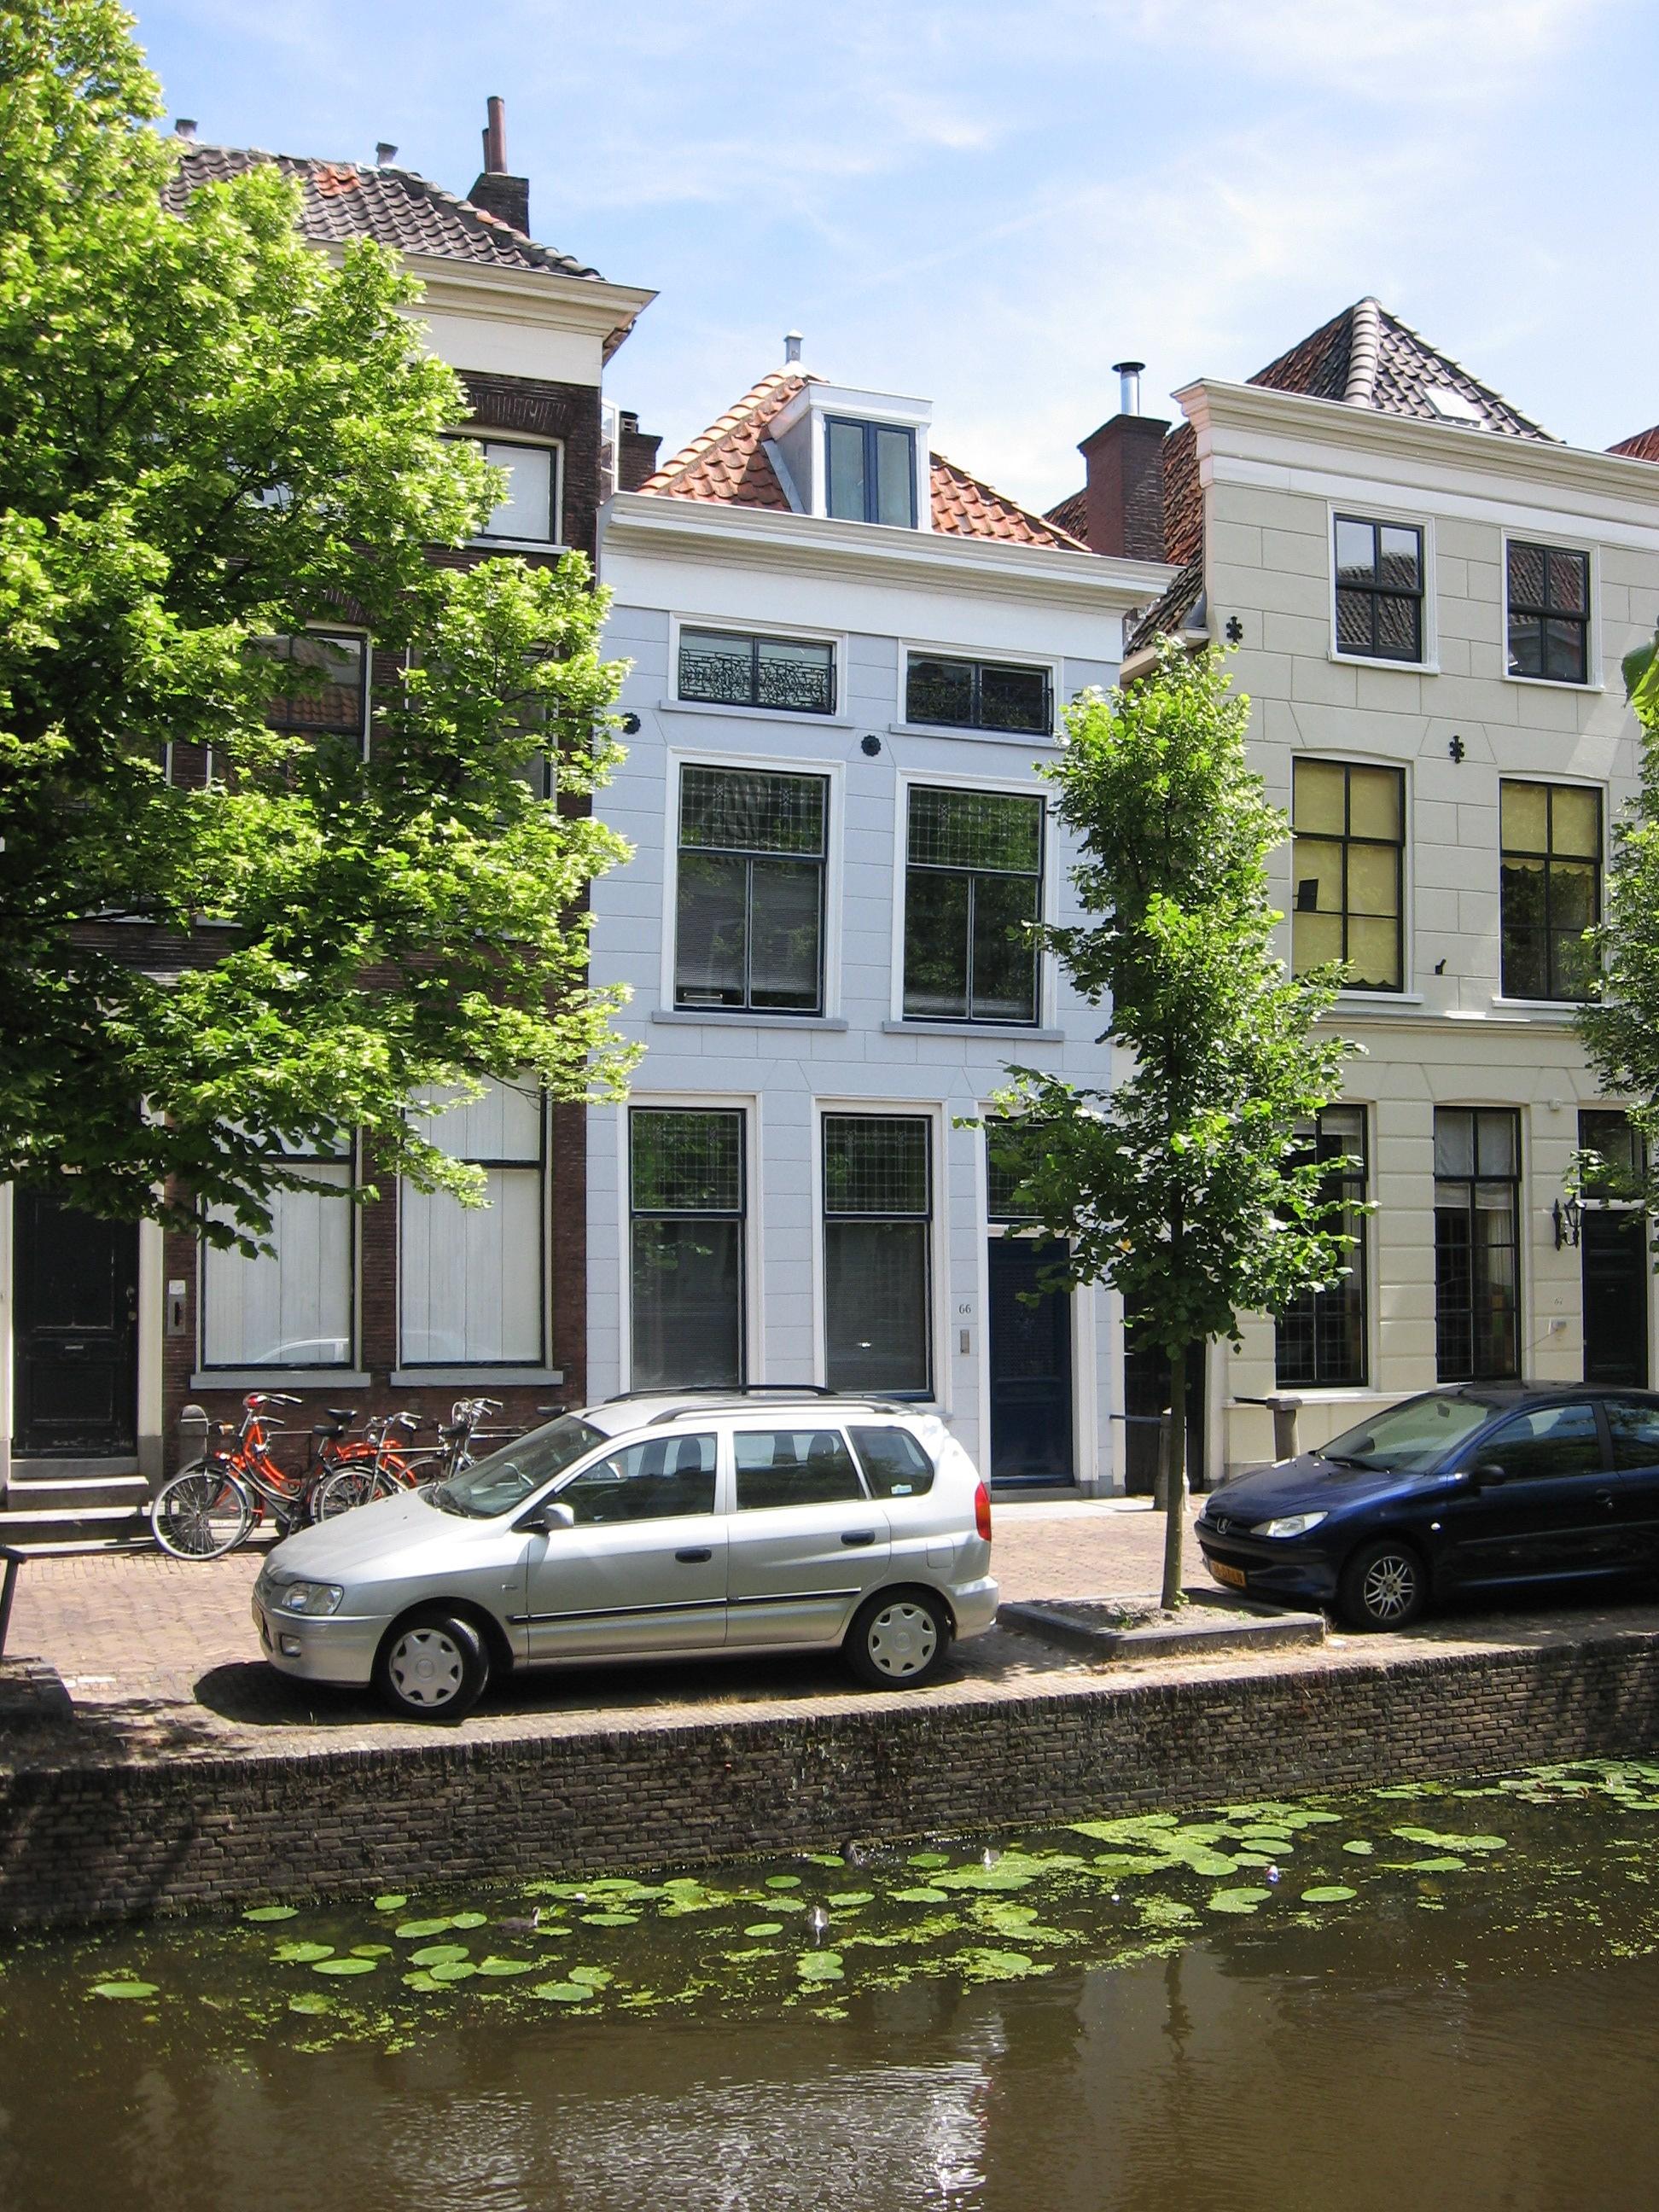 Huis met lage bovenverdieping en gepleisterde gevel onder rechte lijst rechts een stoeppaal in - Oude huis gevel ...